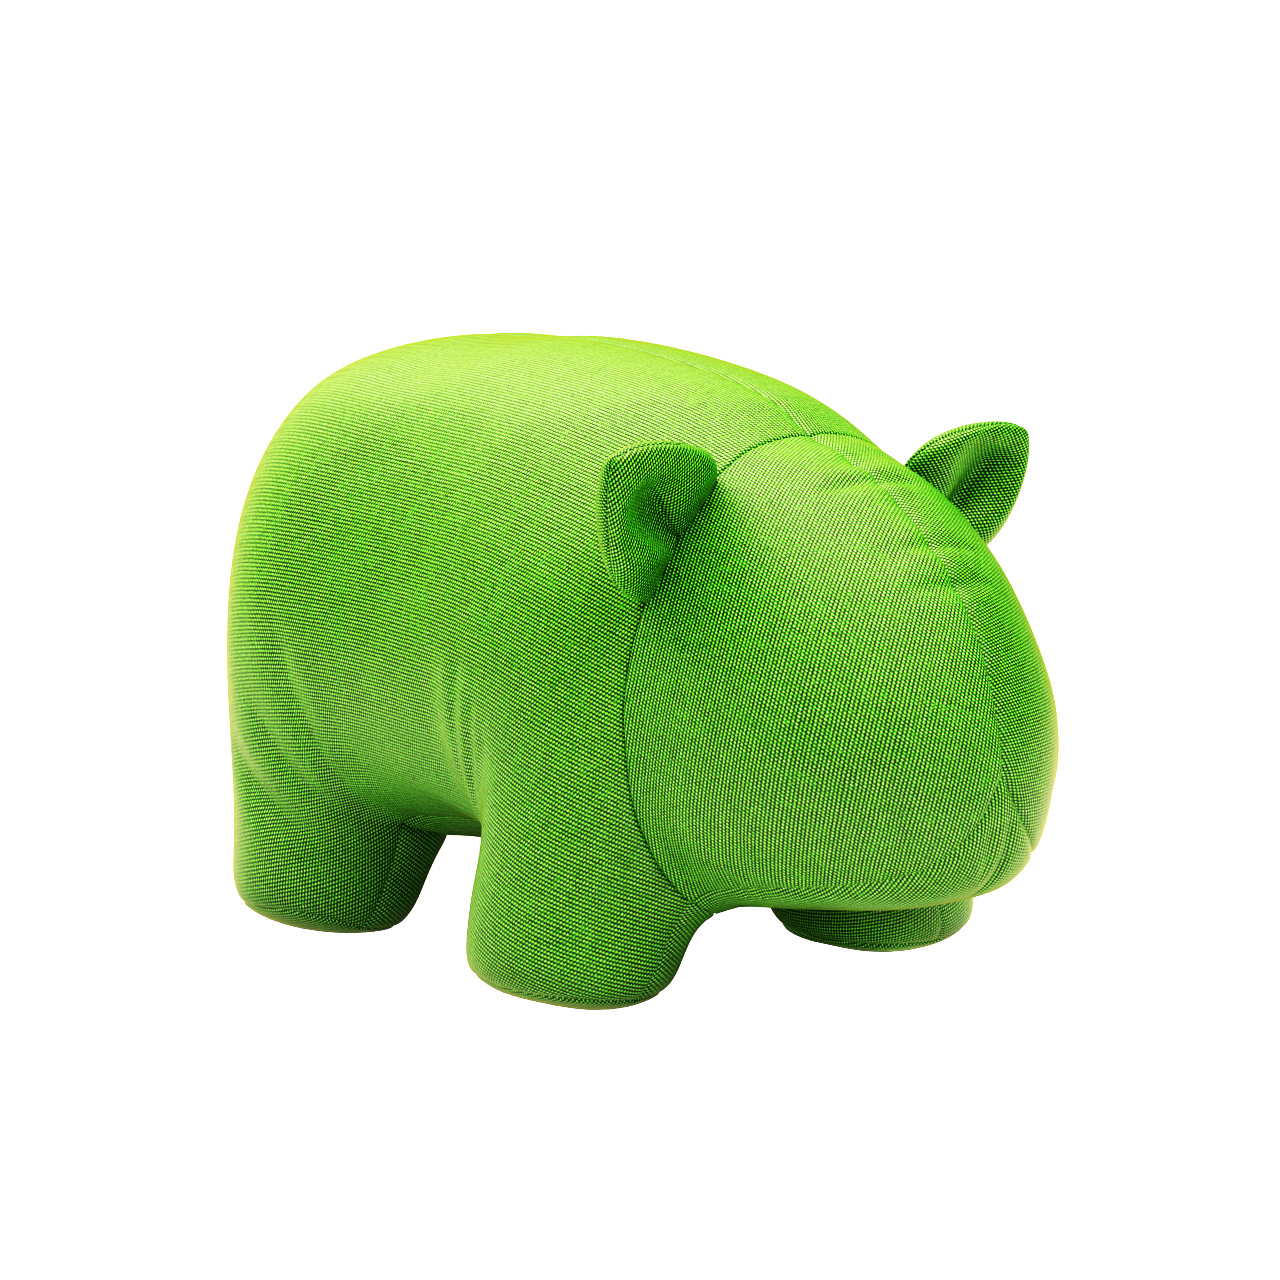 Wombat Plush Toy by Les Basic